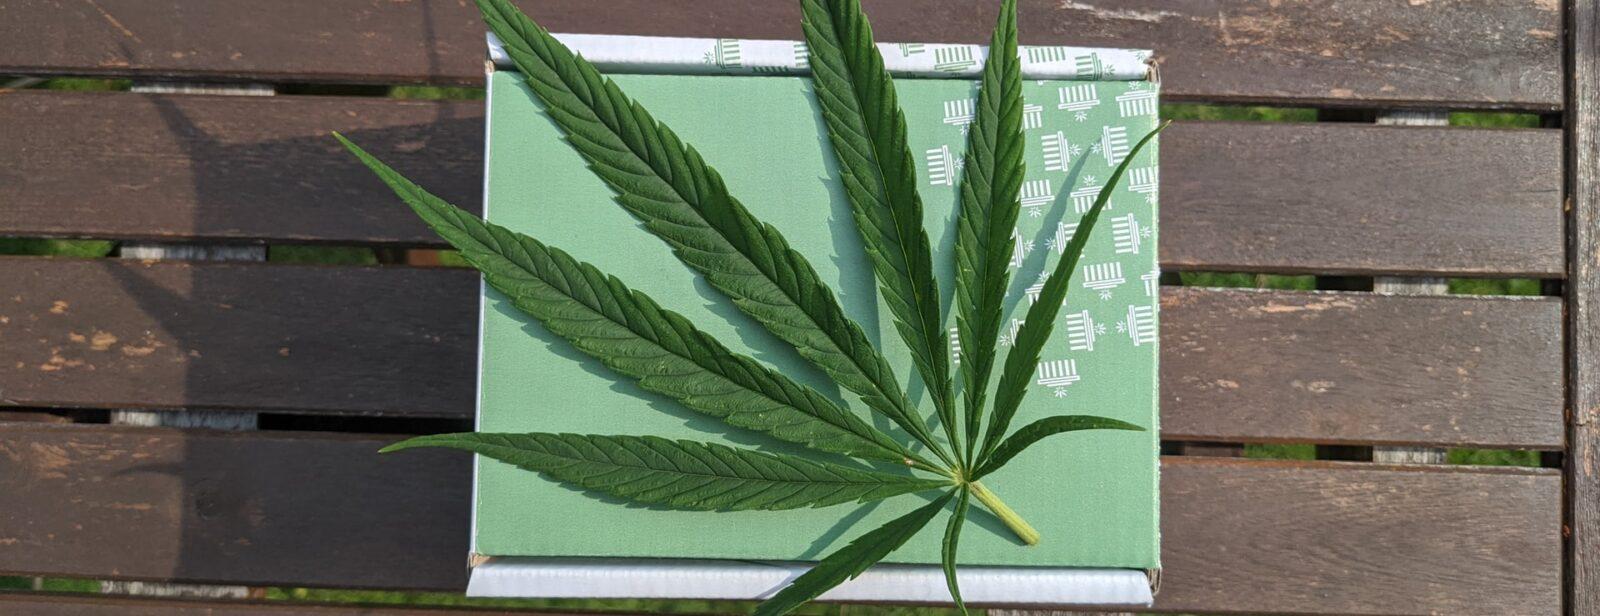 DUI and medical marijuana